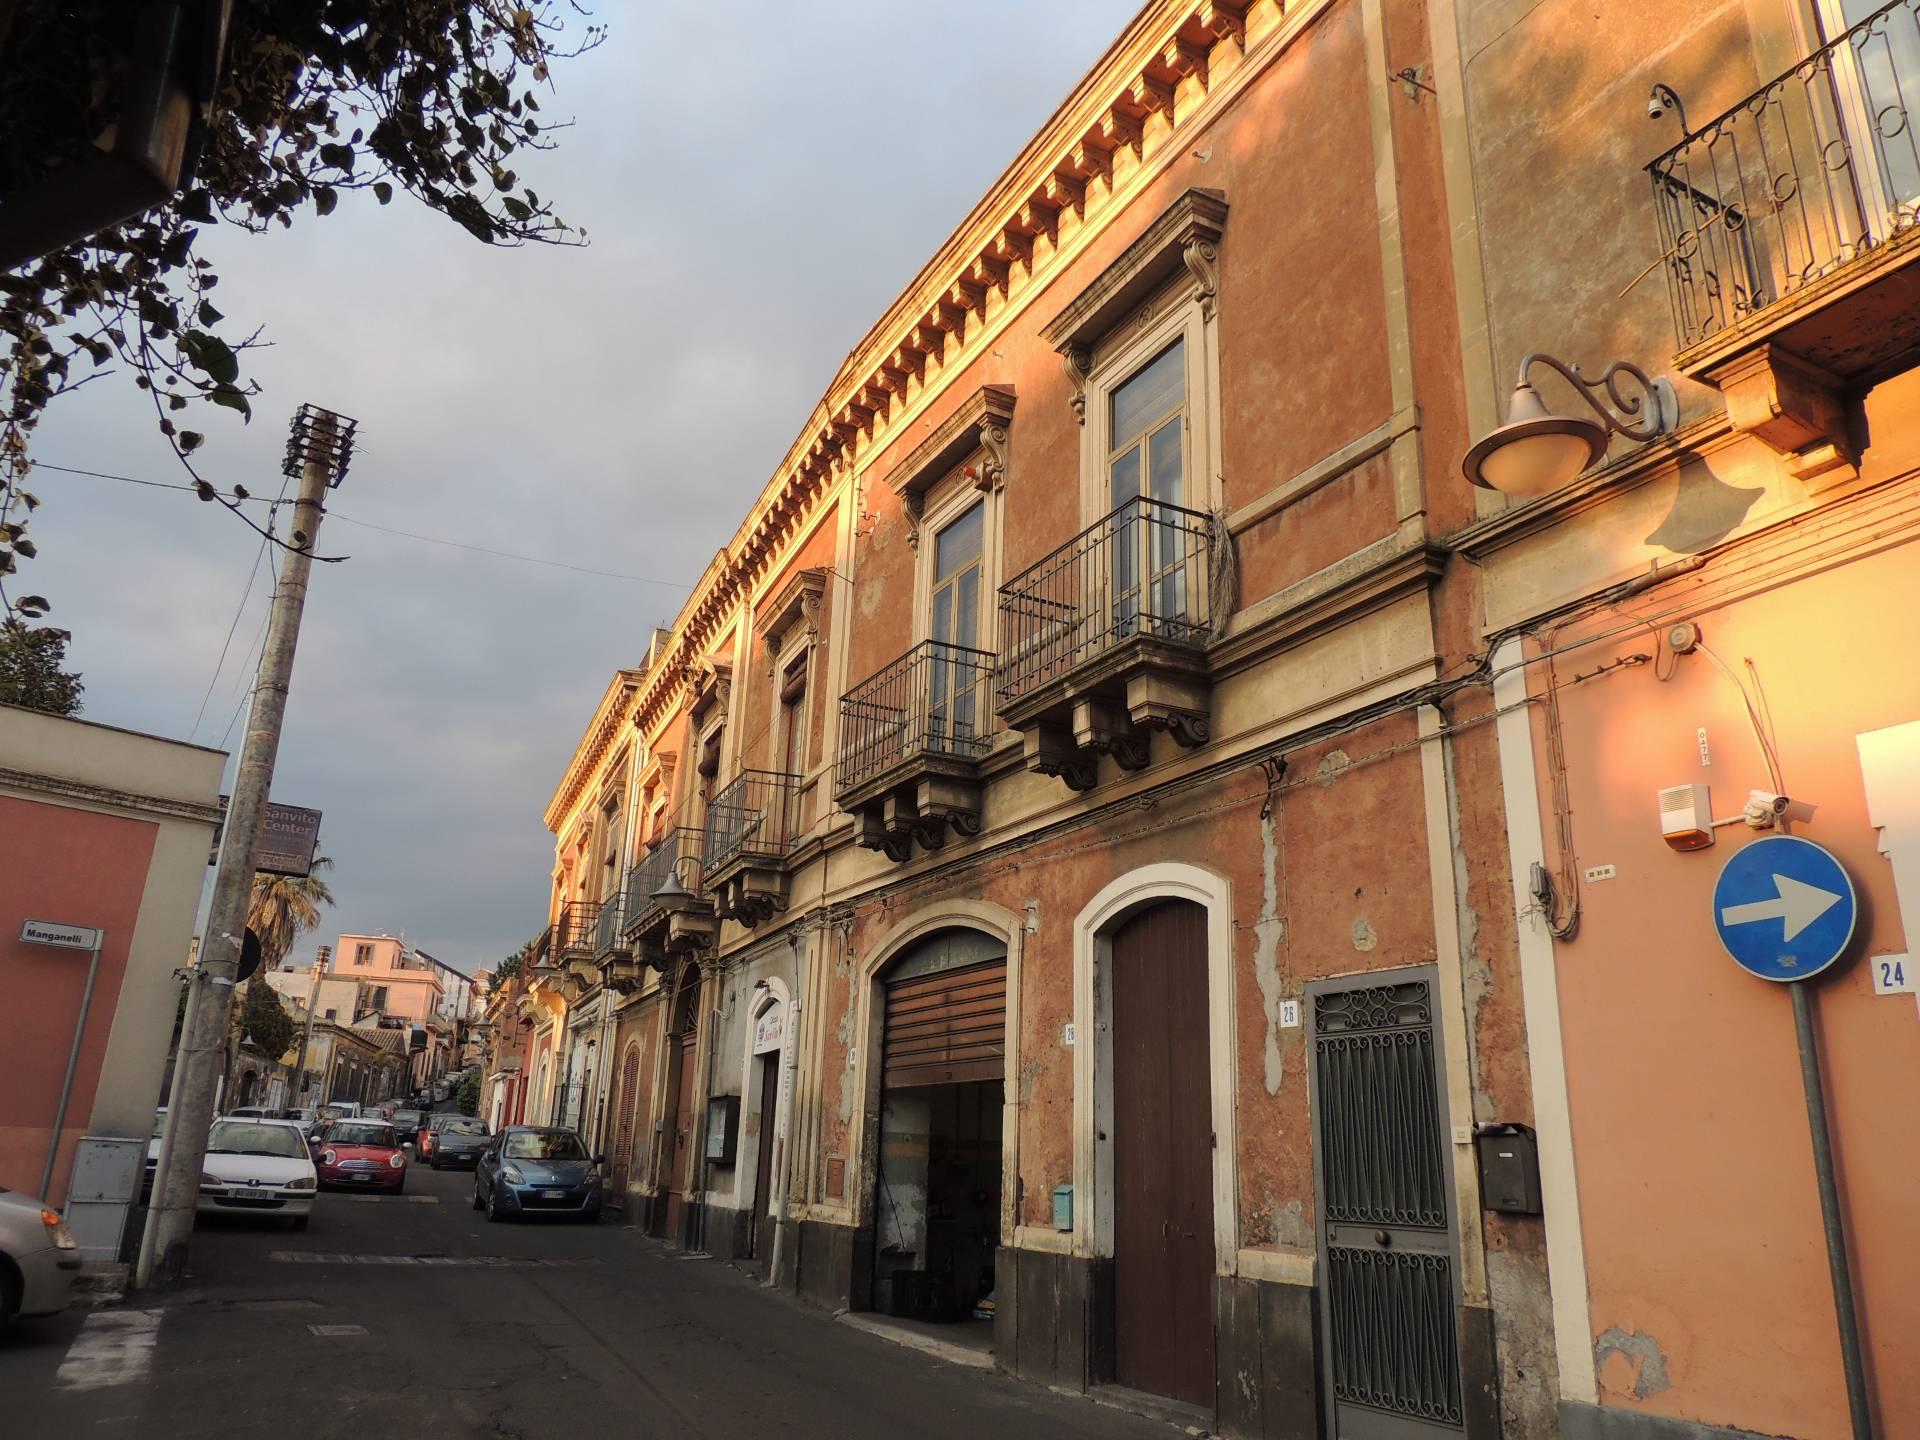 Soluzione Indipendente in vendita a Mascalucia, 7 locali, zona Località: CentroStorico(ViaEtnea/ViaRoma...., prezzo € 185.000 | Cambio Casa.it